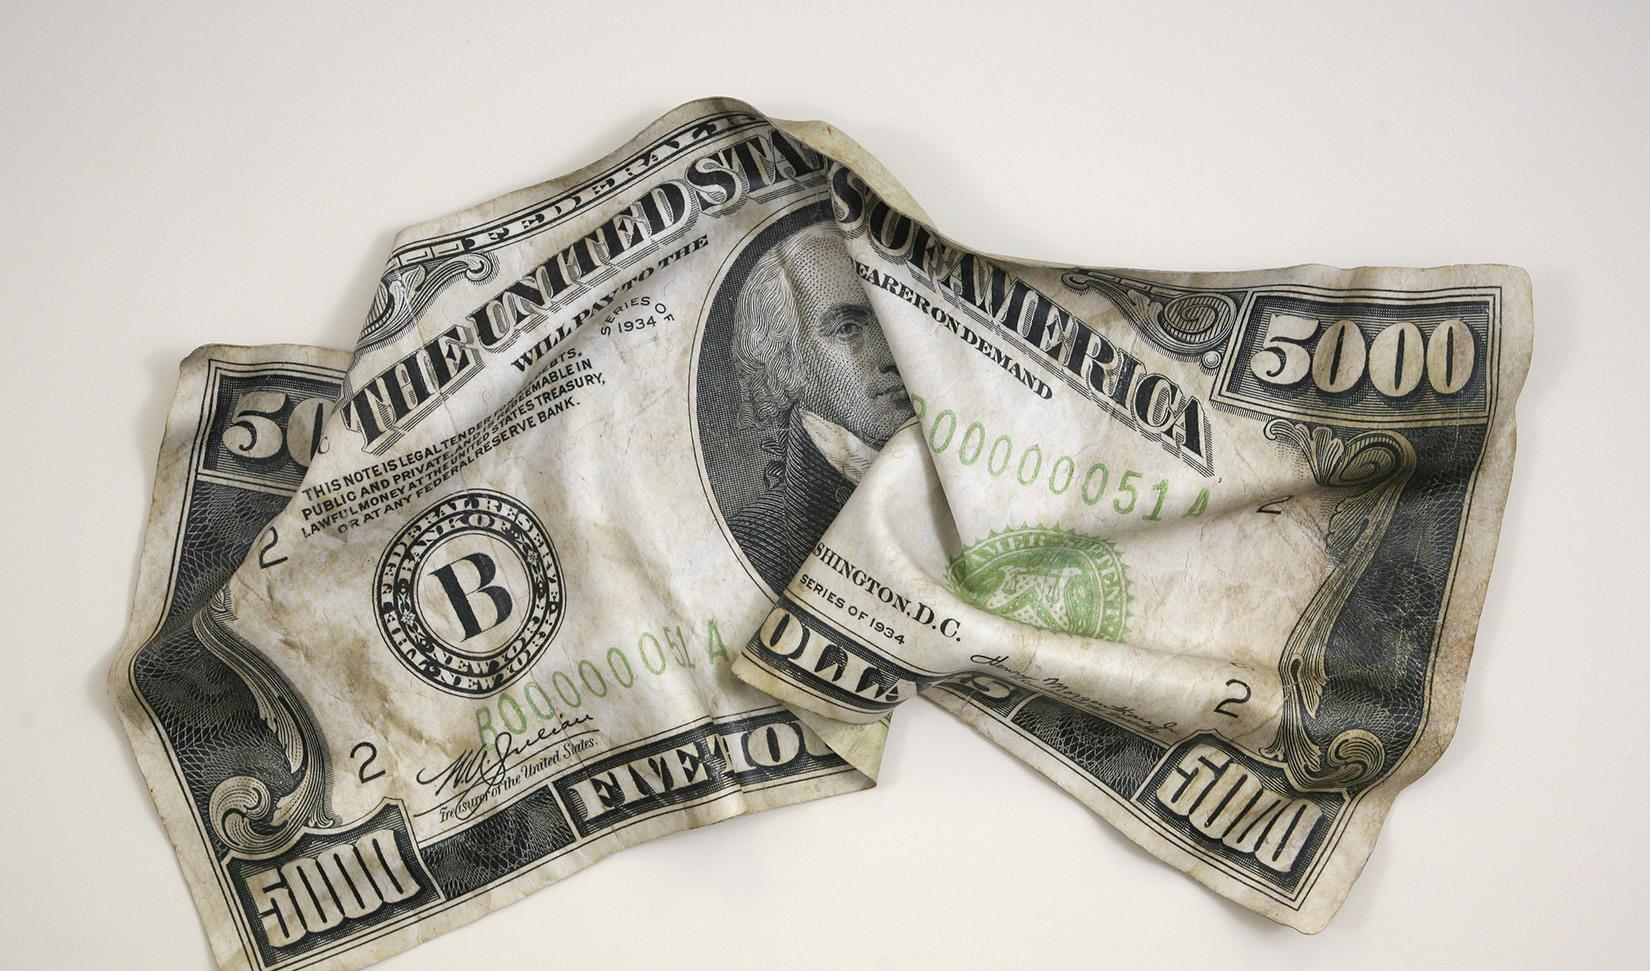 احتمال ریزش شدید قیمت دلار وجود دارد